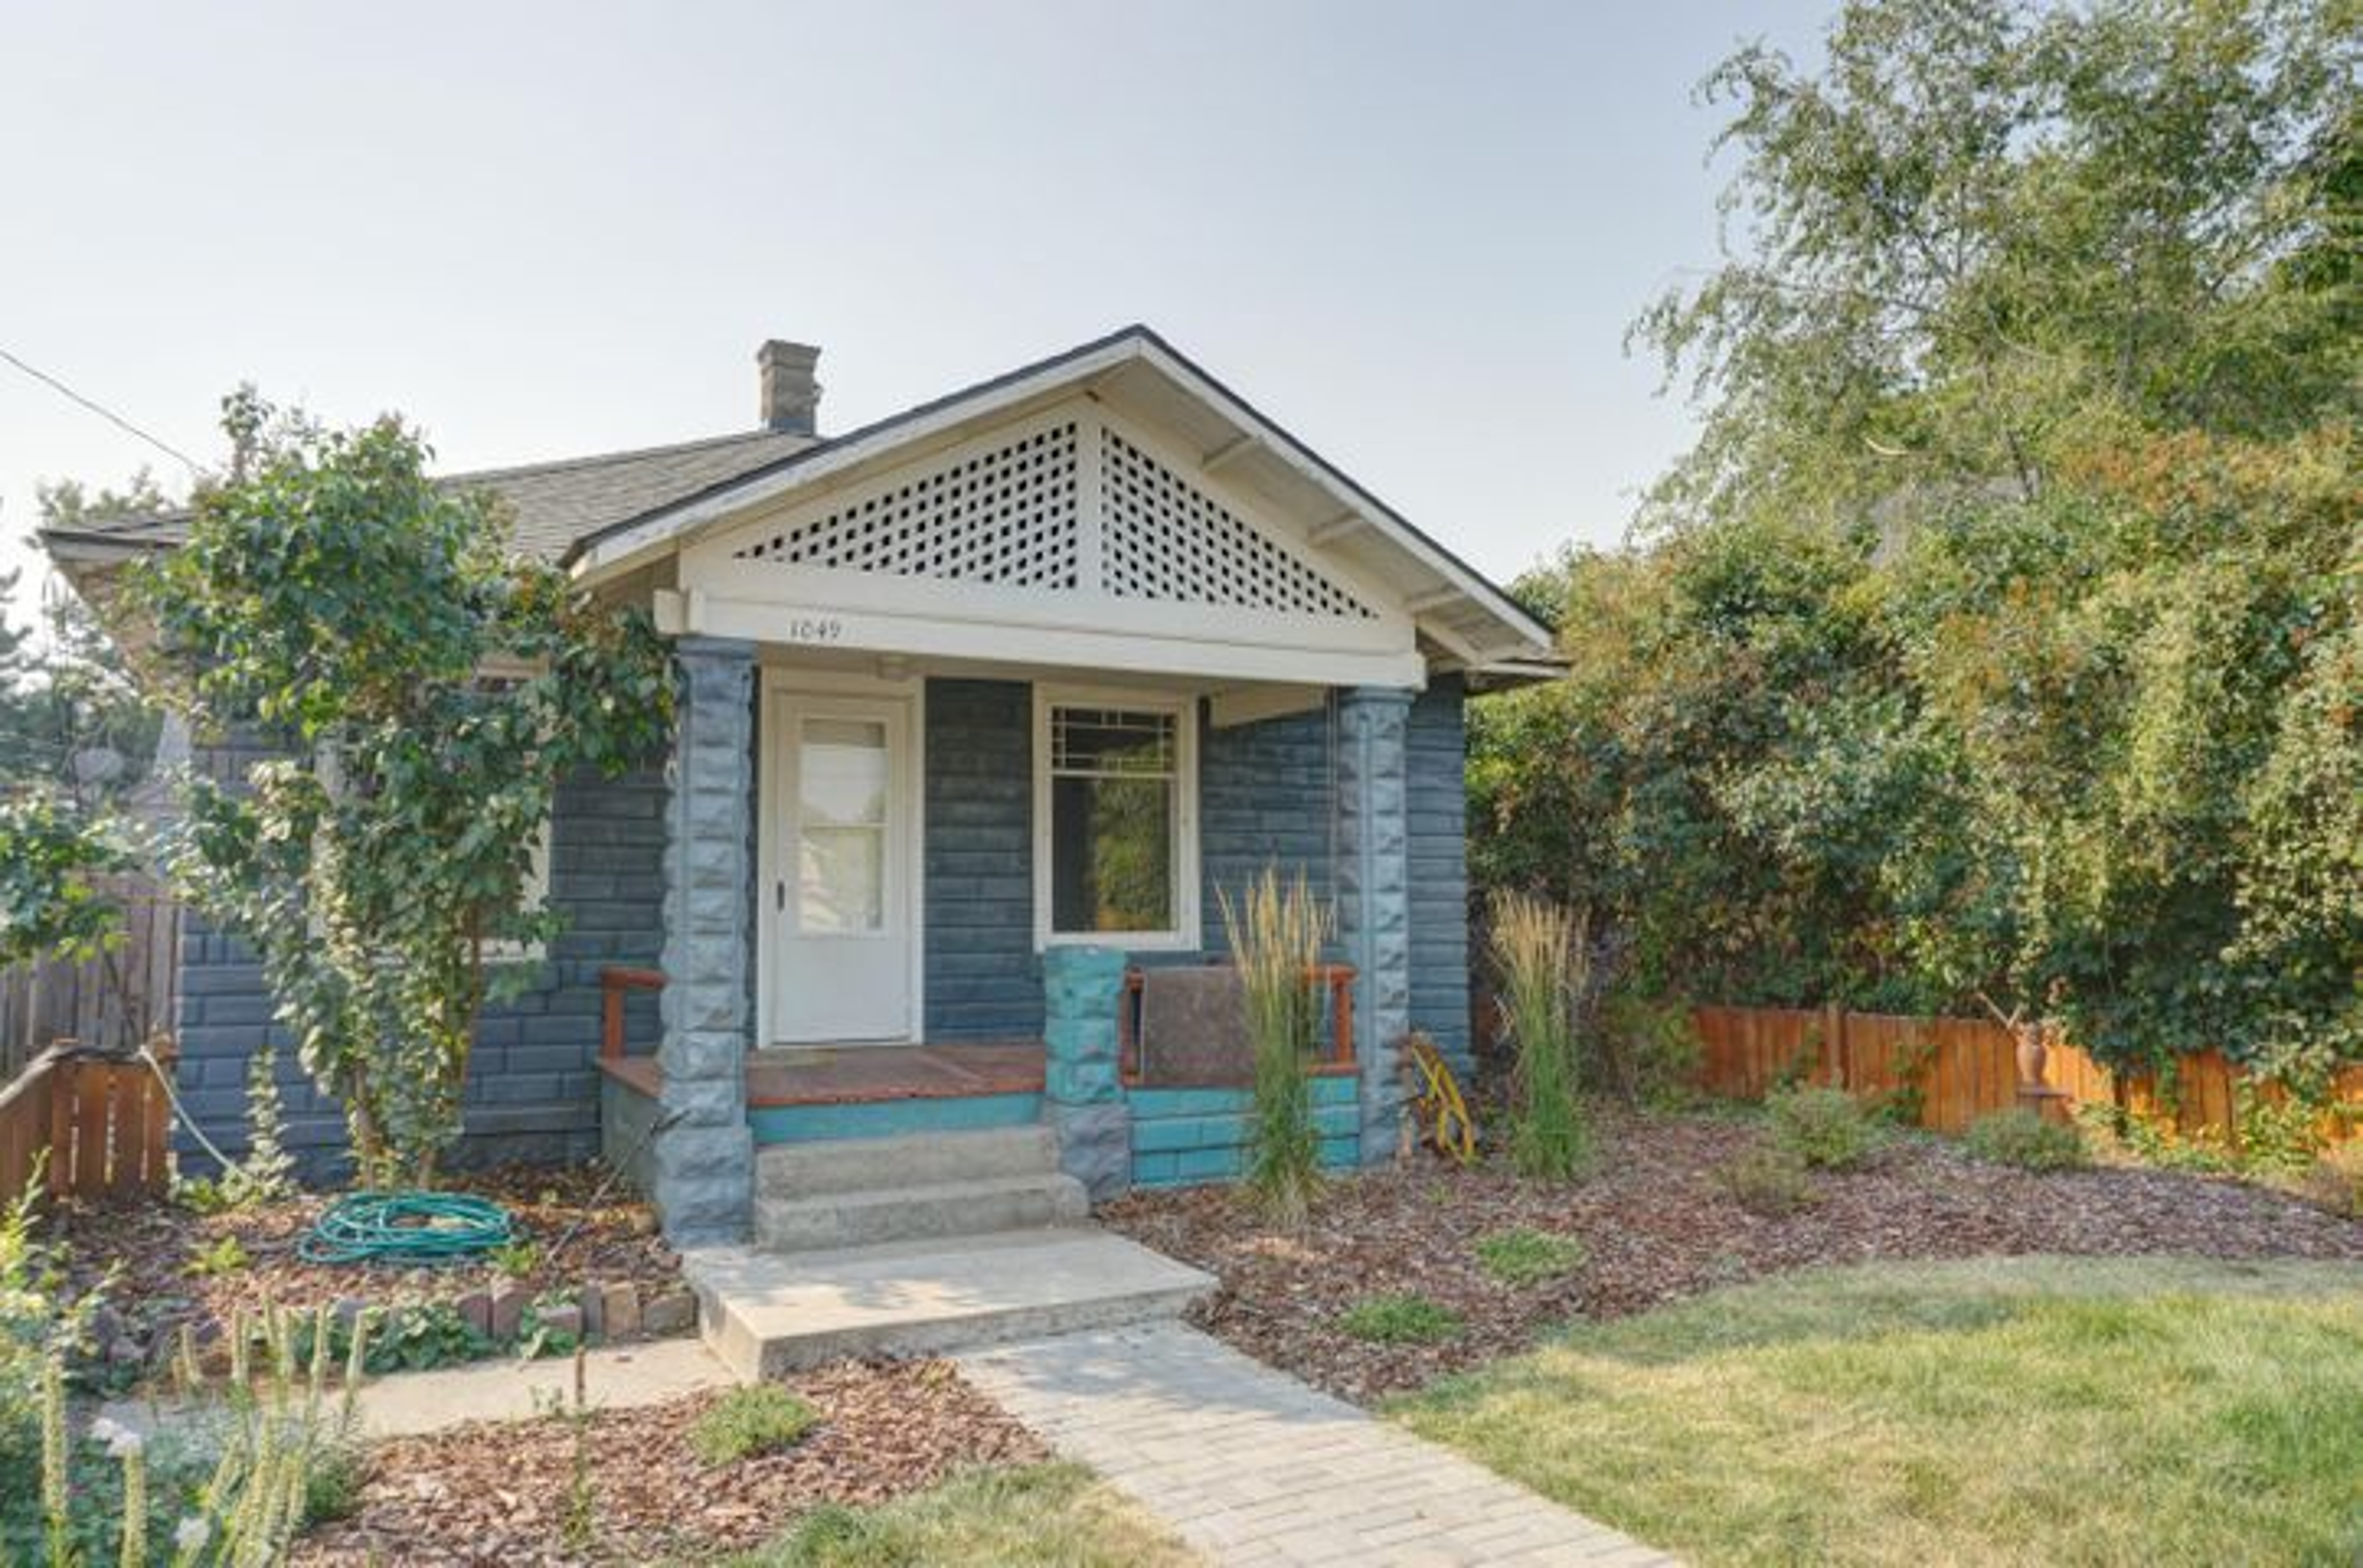 1049 S 1st Street W, Missoula, MT 59801